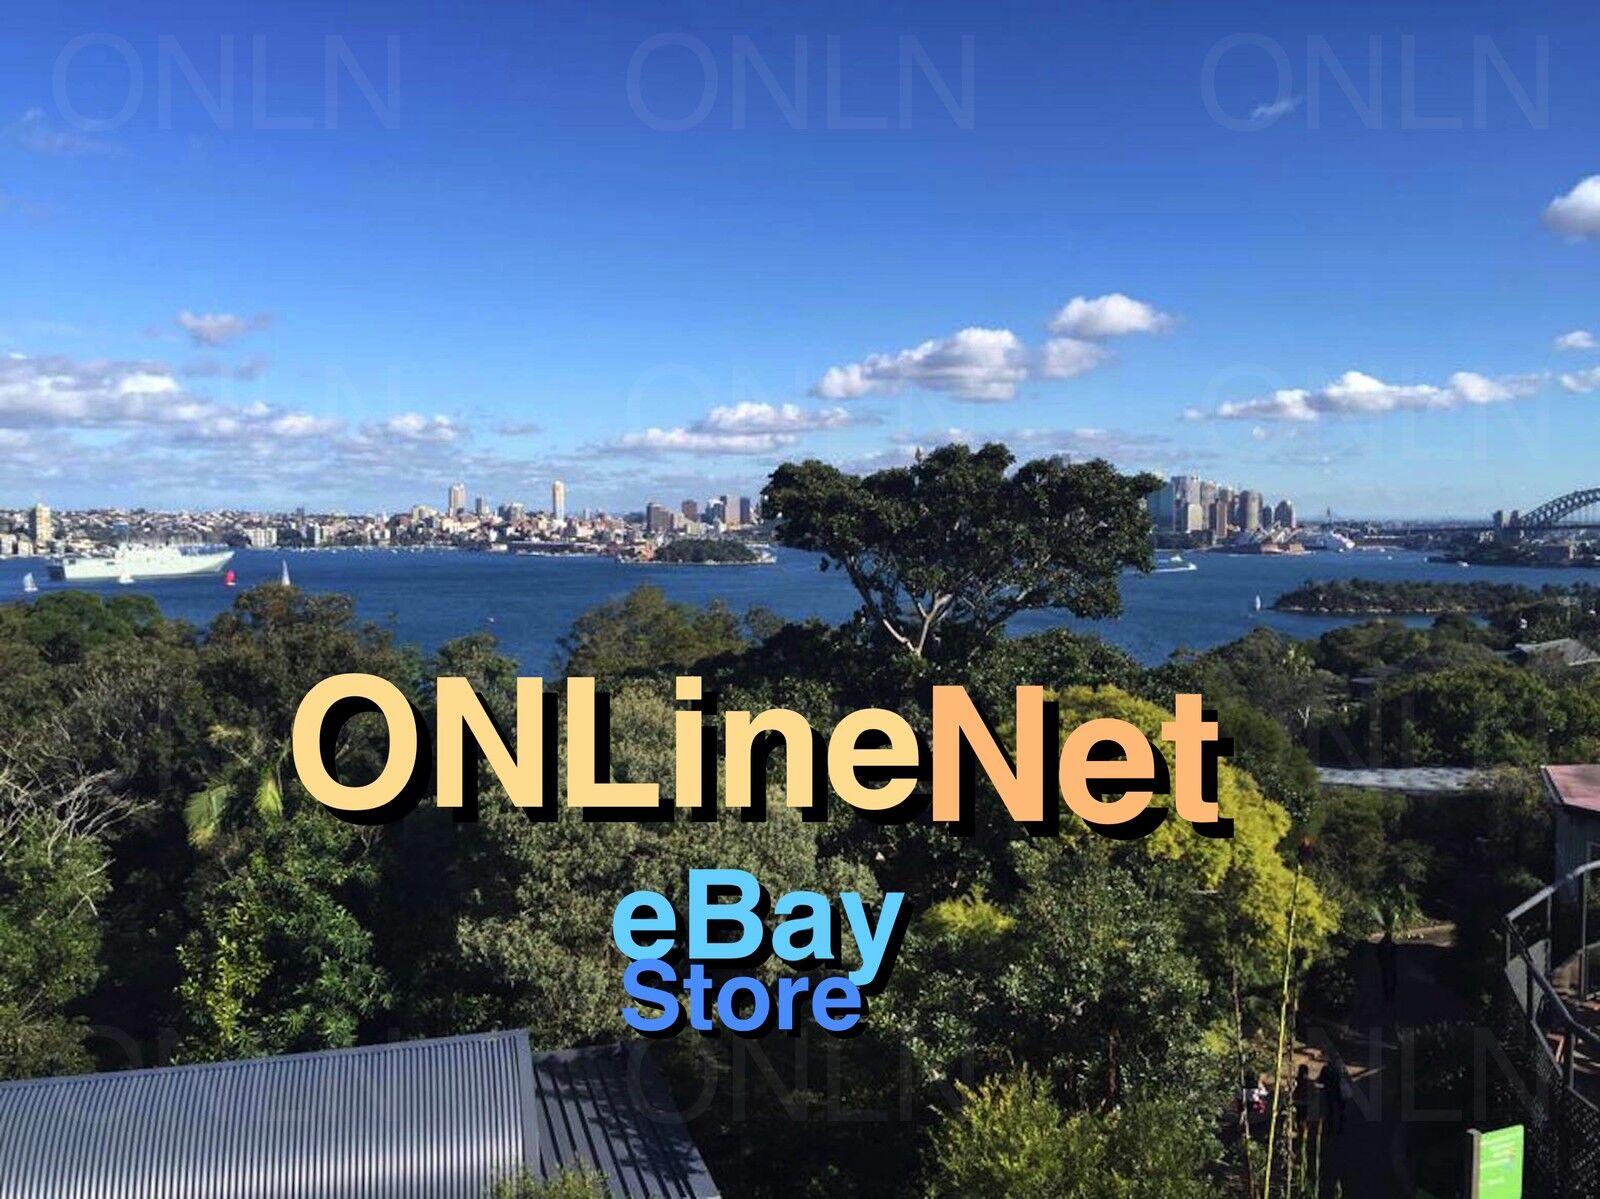 onlinenet